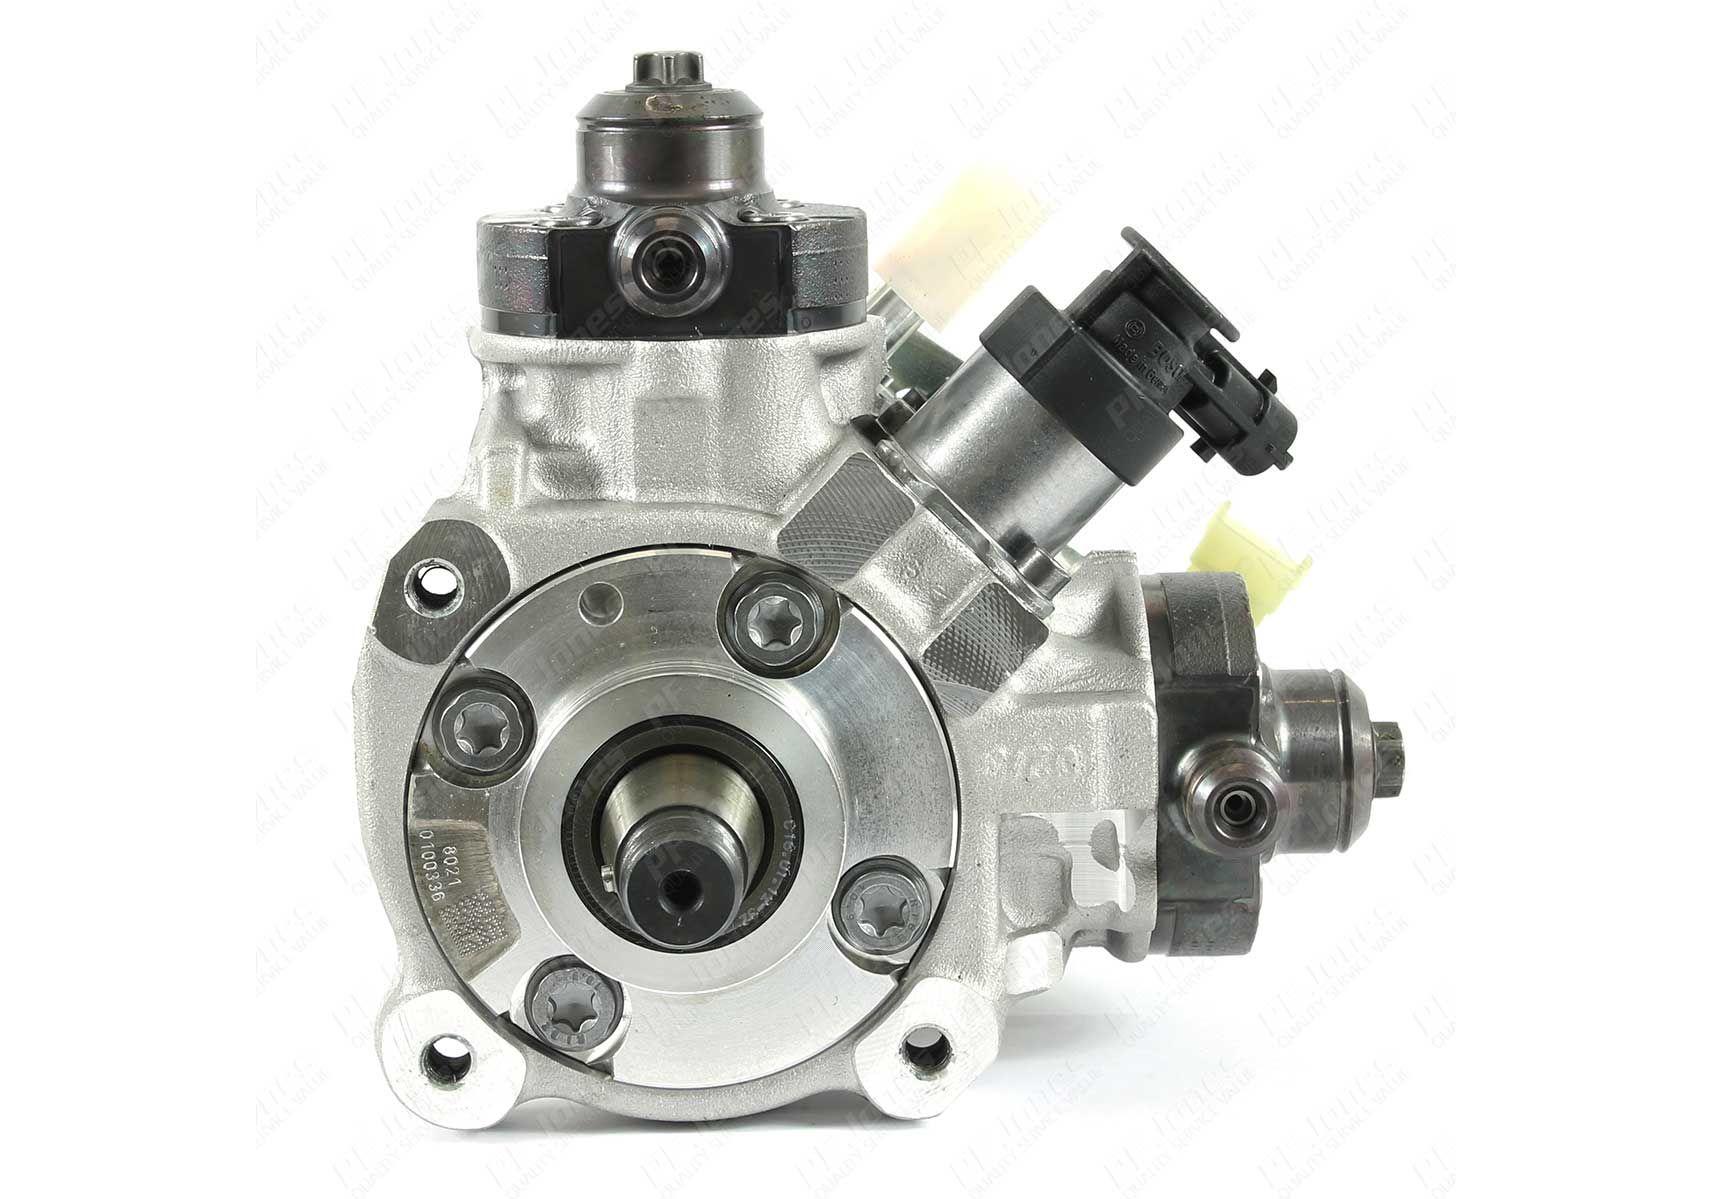 Pompa Injectie Range Rover 3.0 Diesel TDV6 LR078840